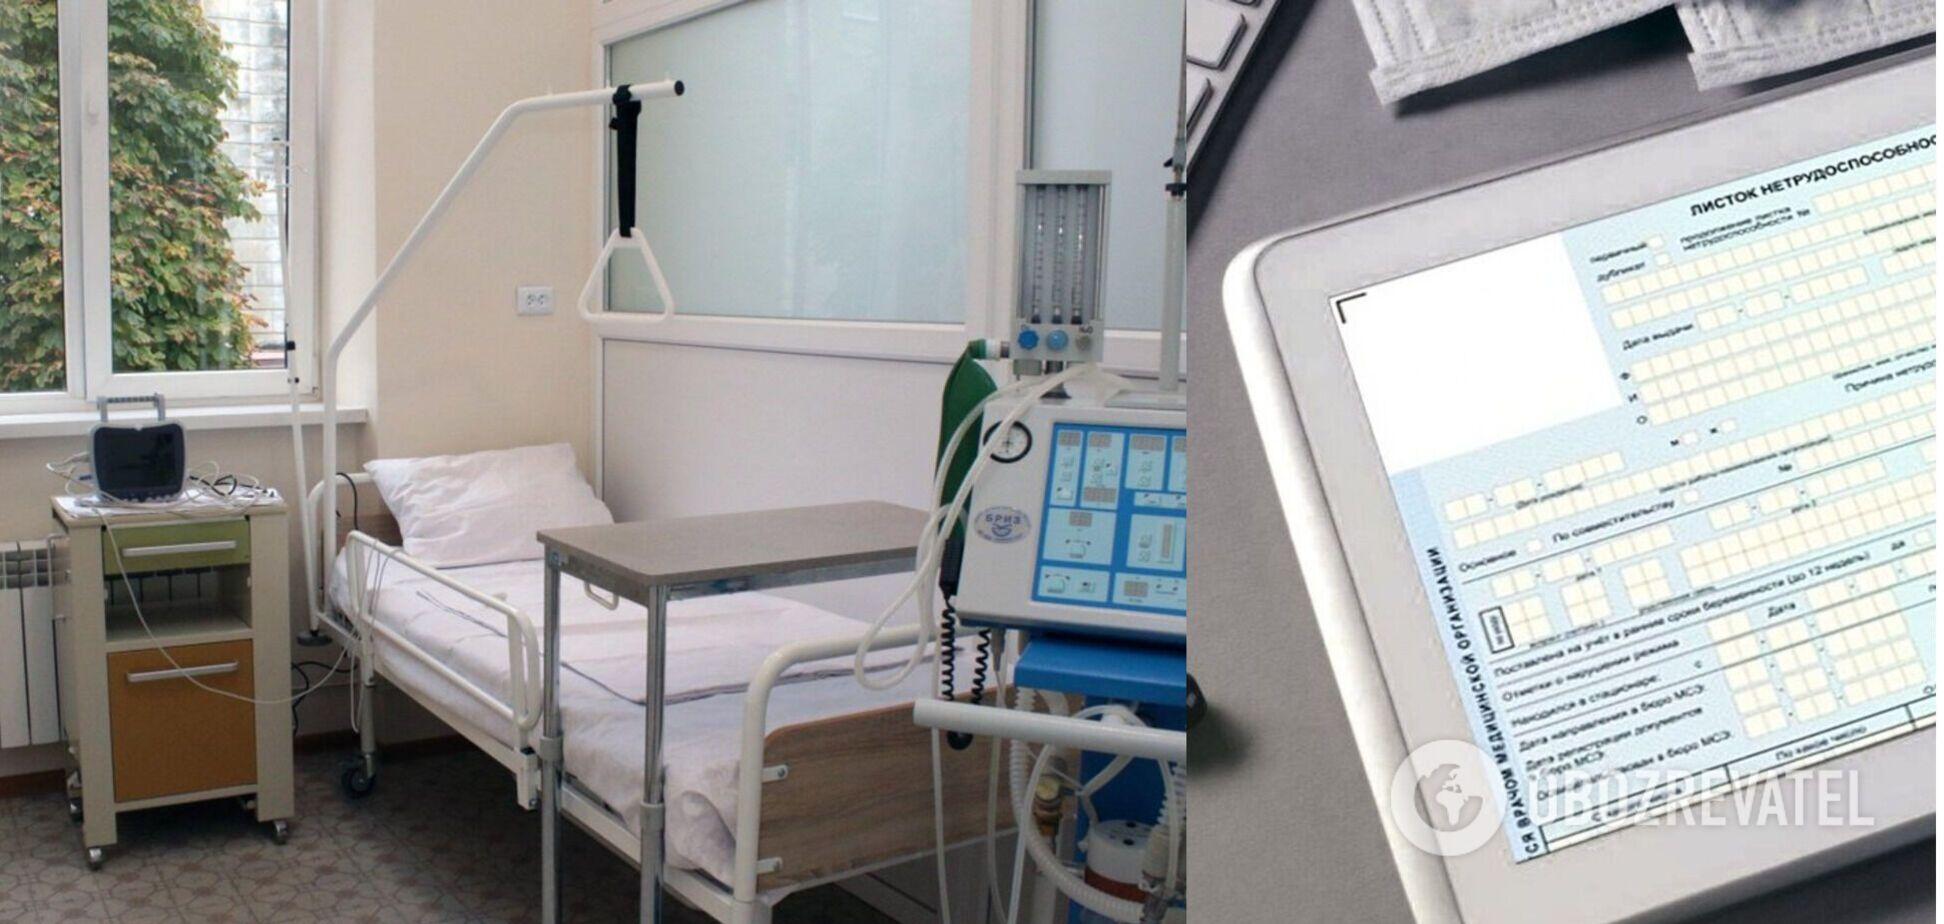 Как украинцам получить электронный больничный: в ПФУ озвучили пошаговый алгоритм